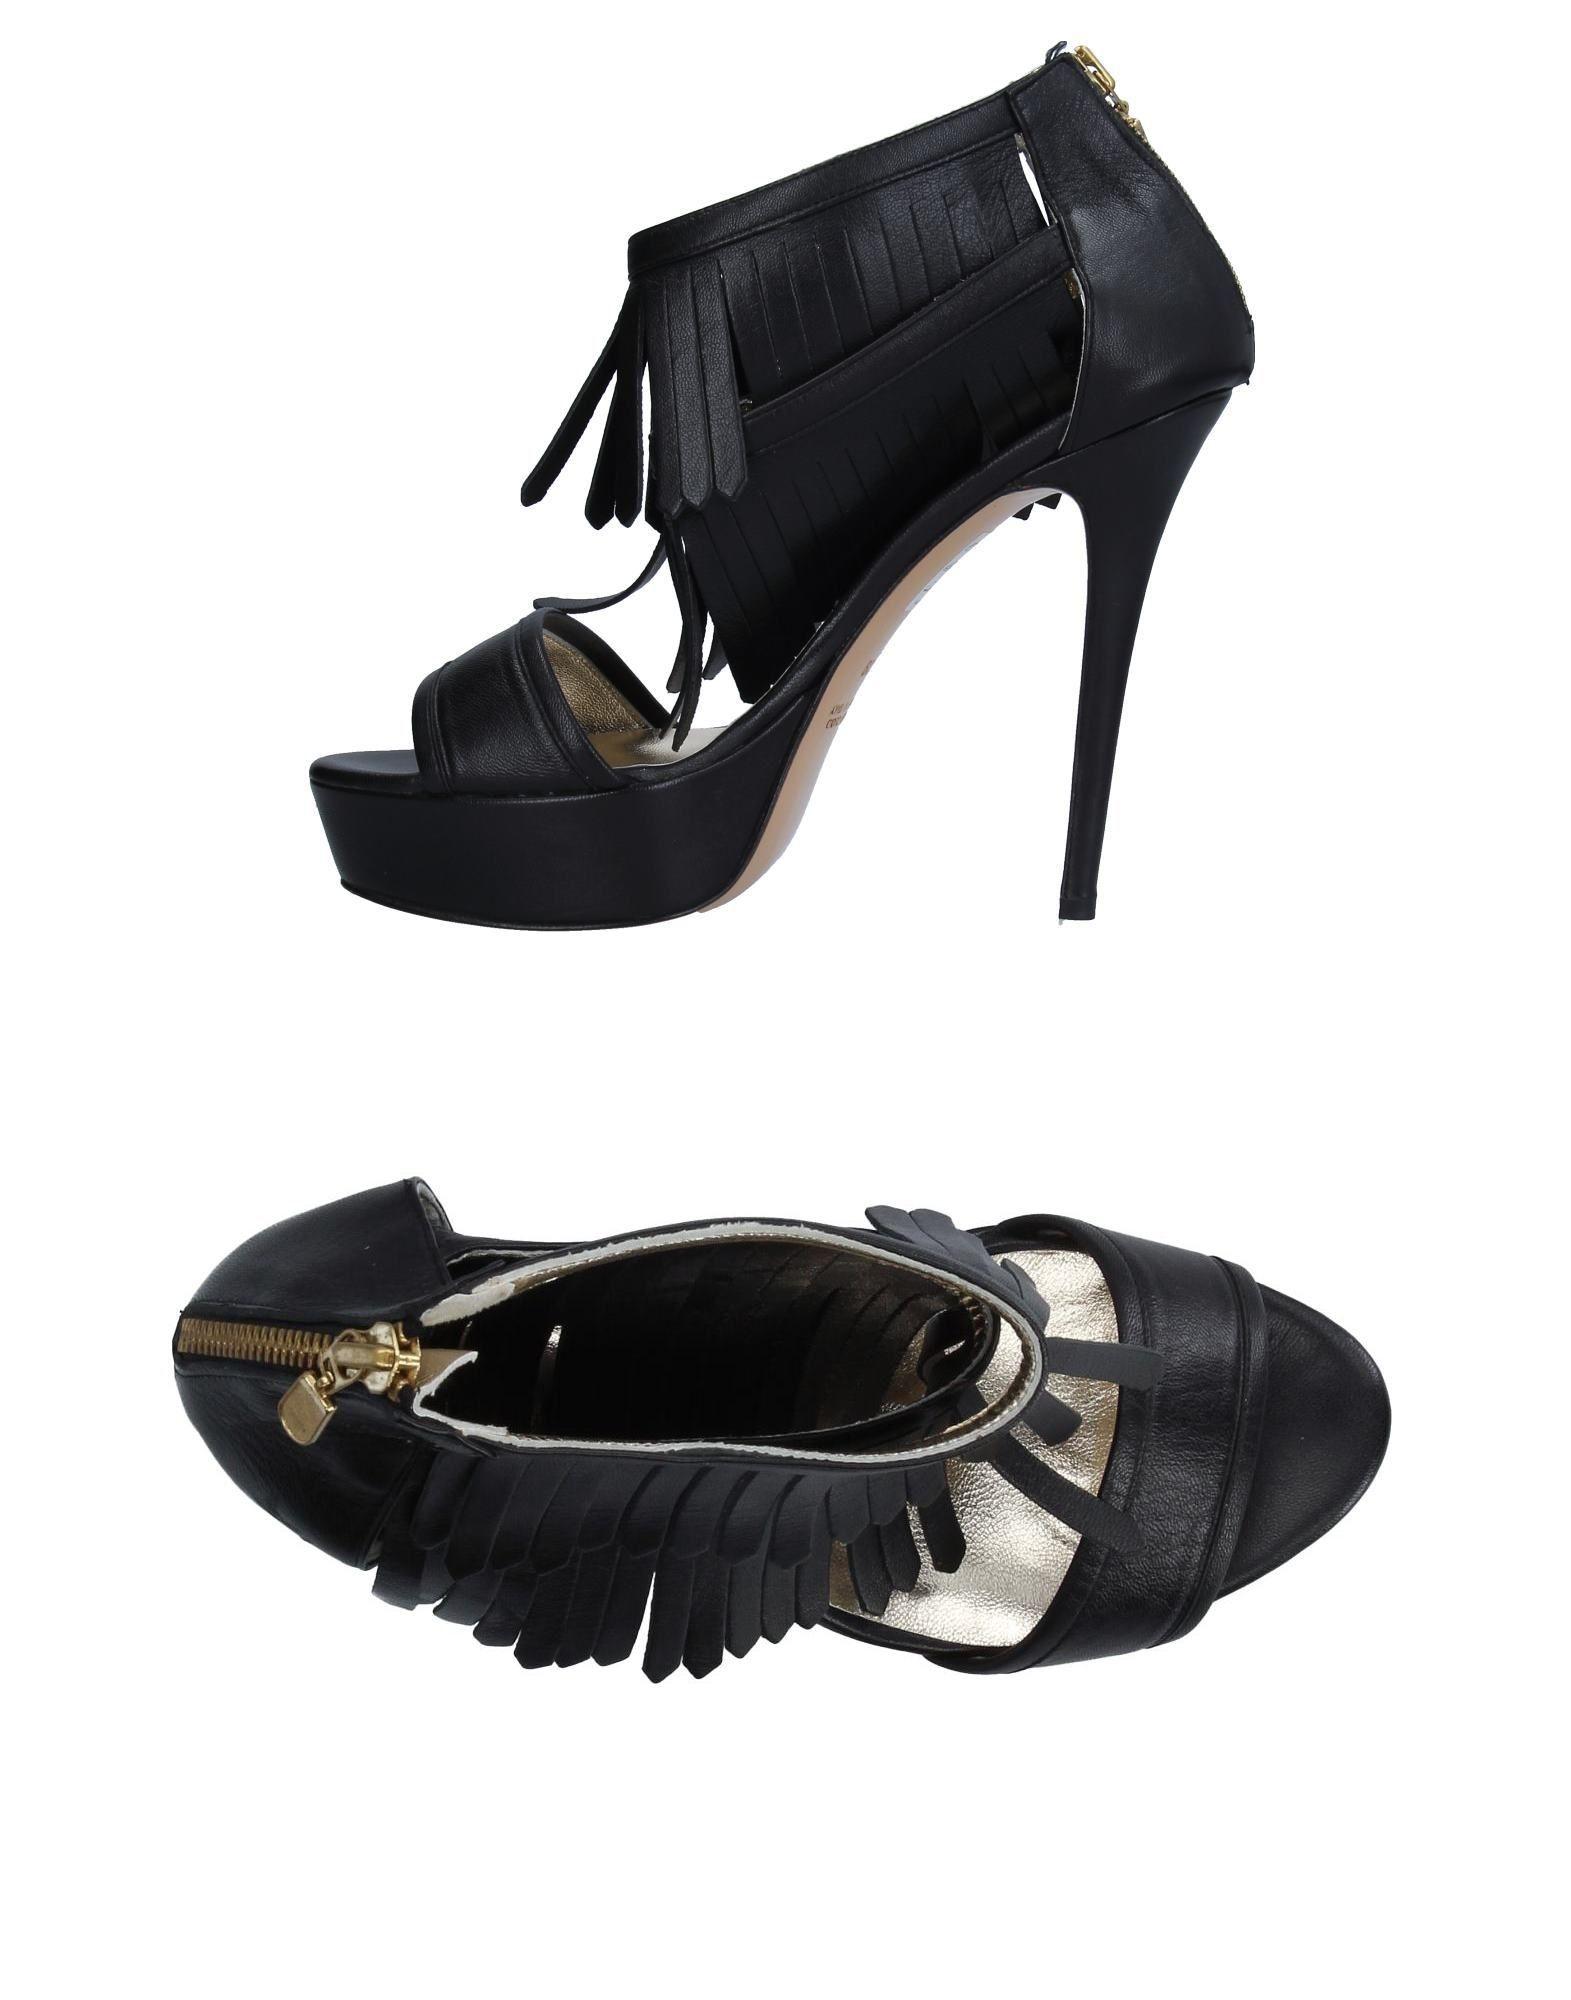 Sandales List Femme - Sandales List sur